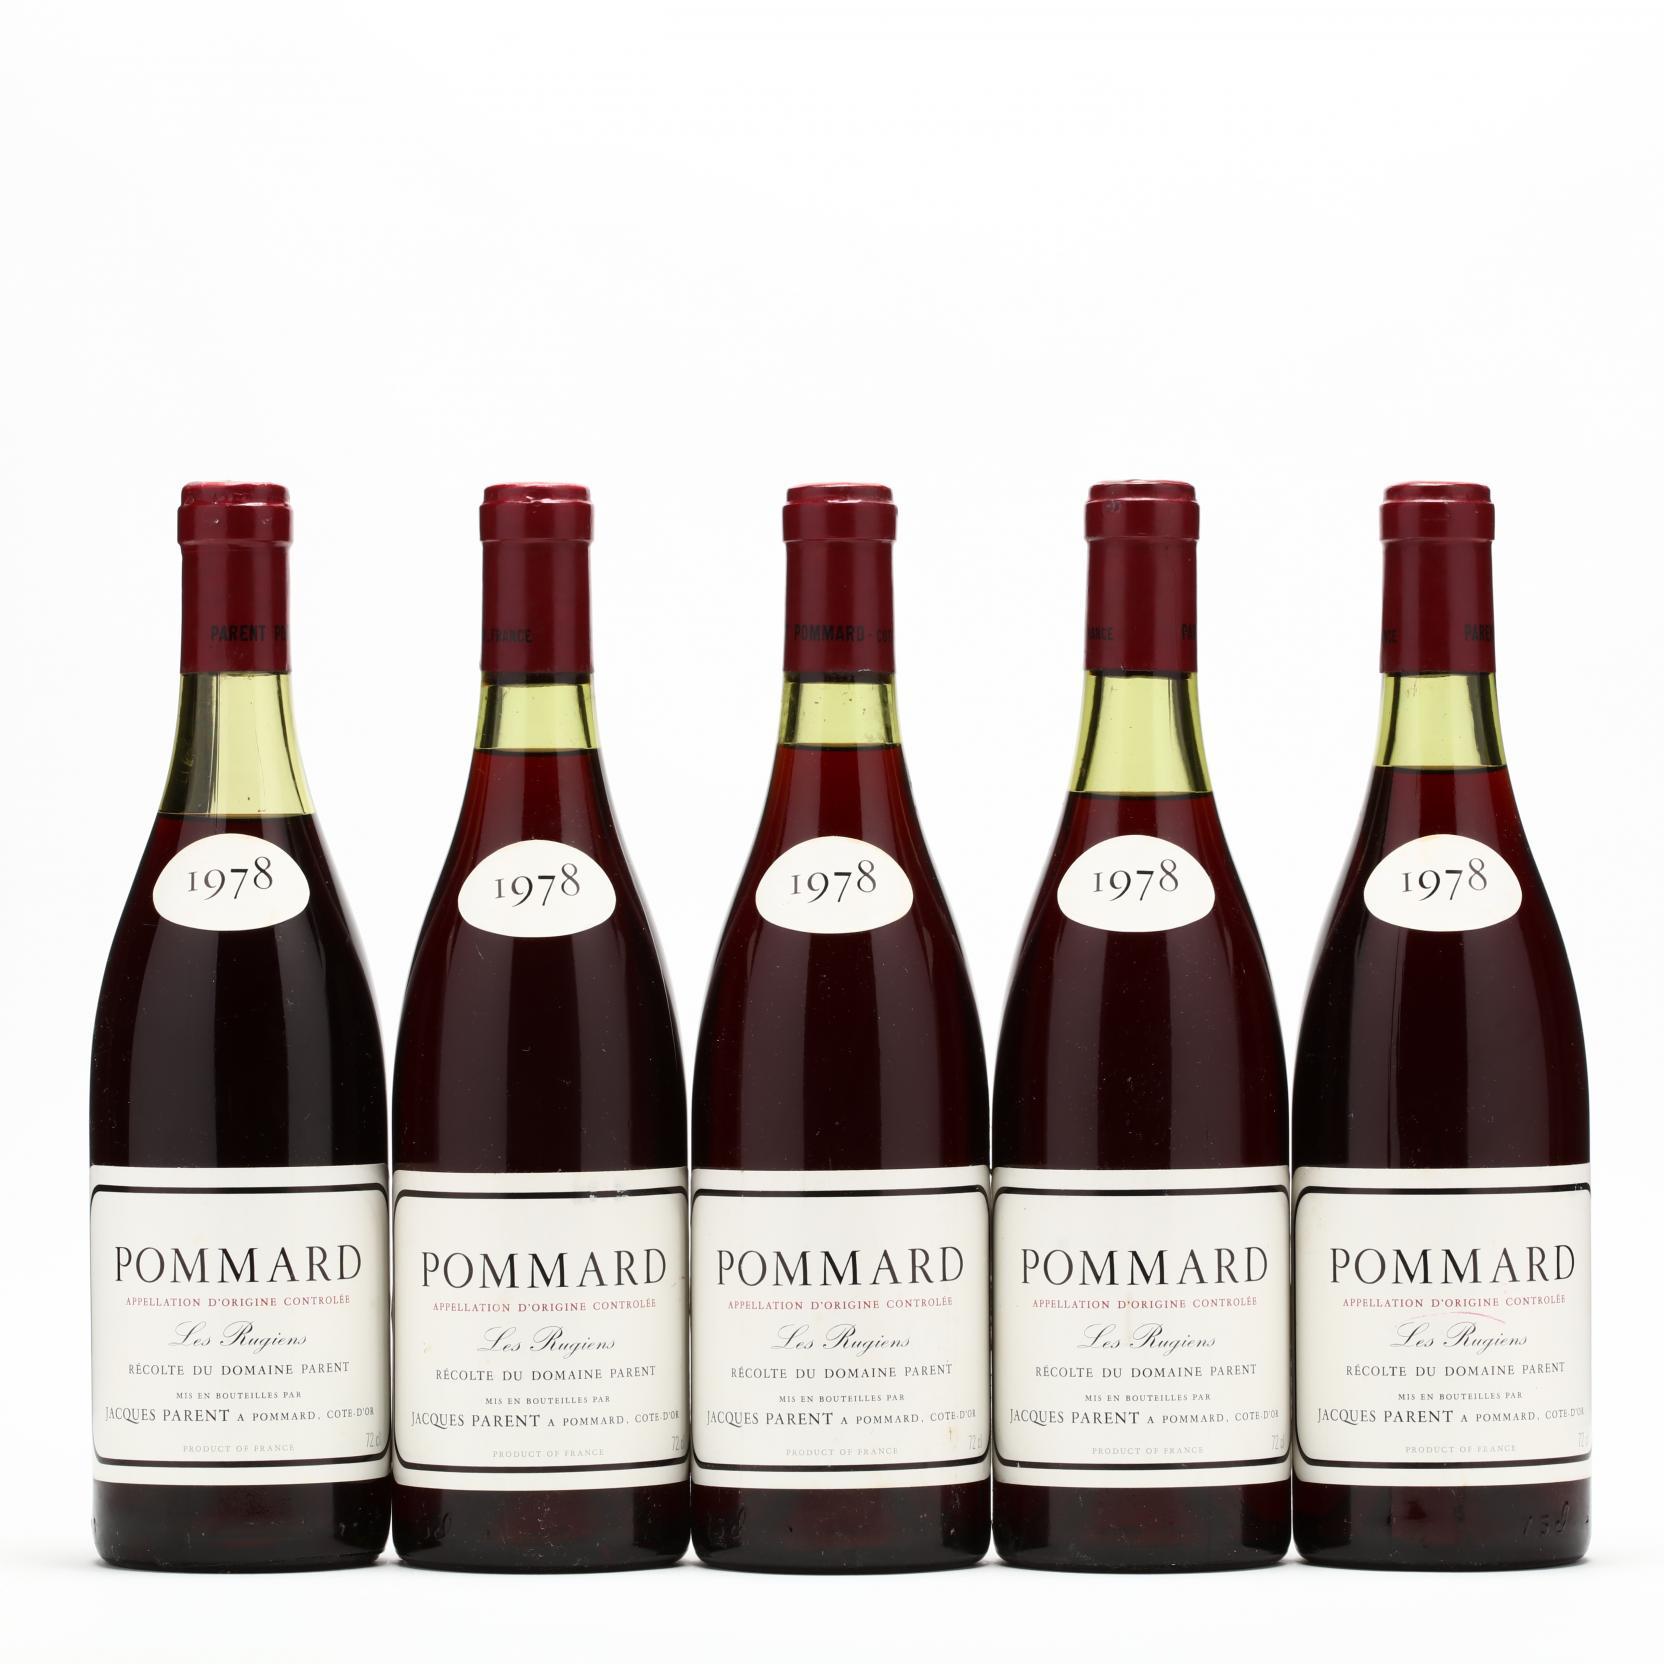 pommard-vintage-1978